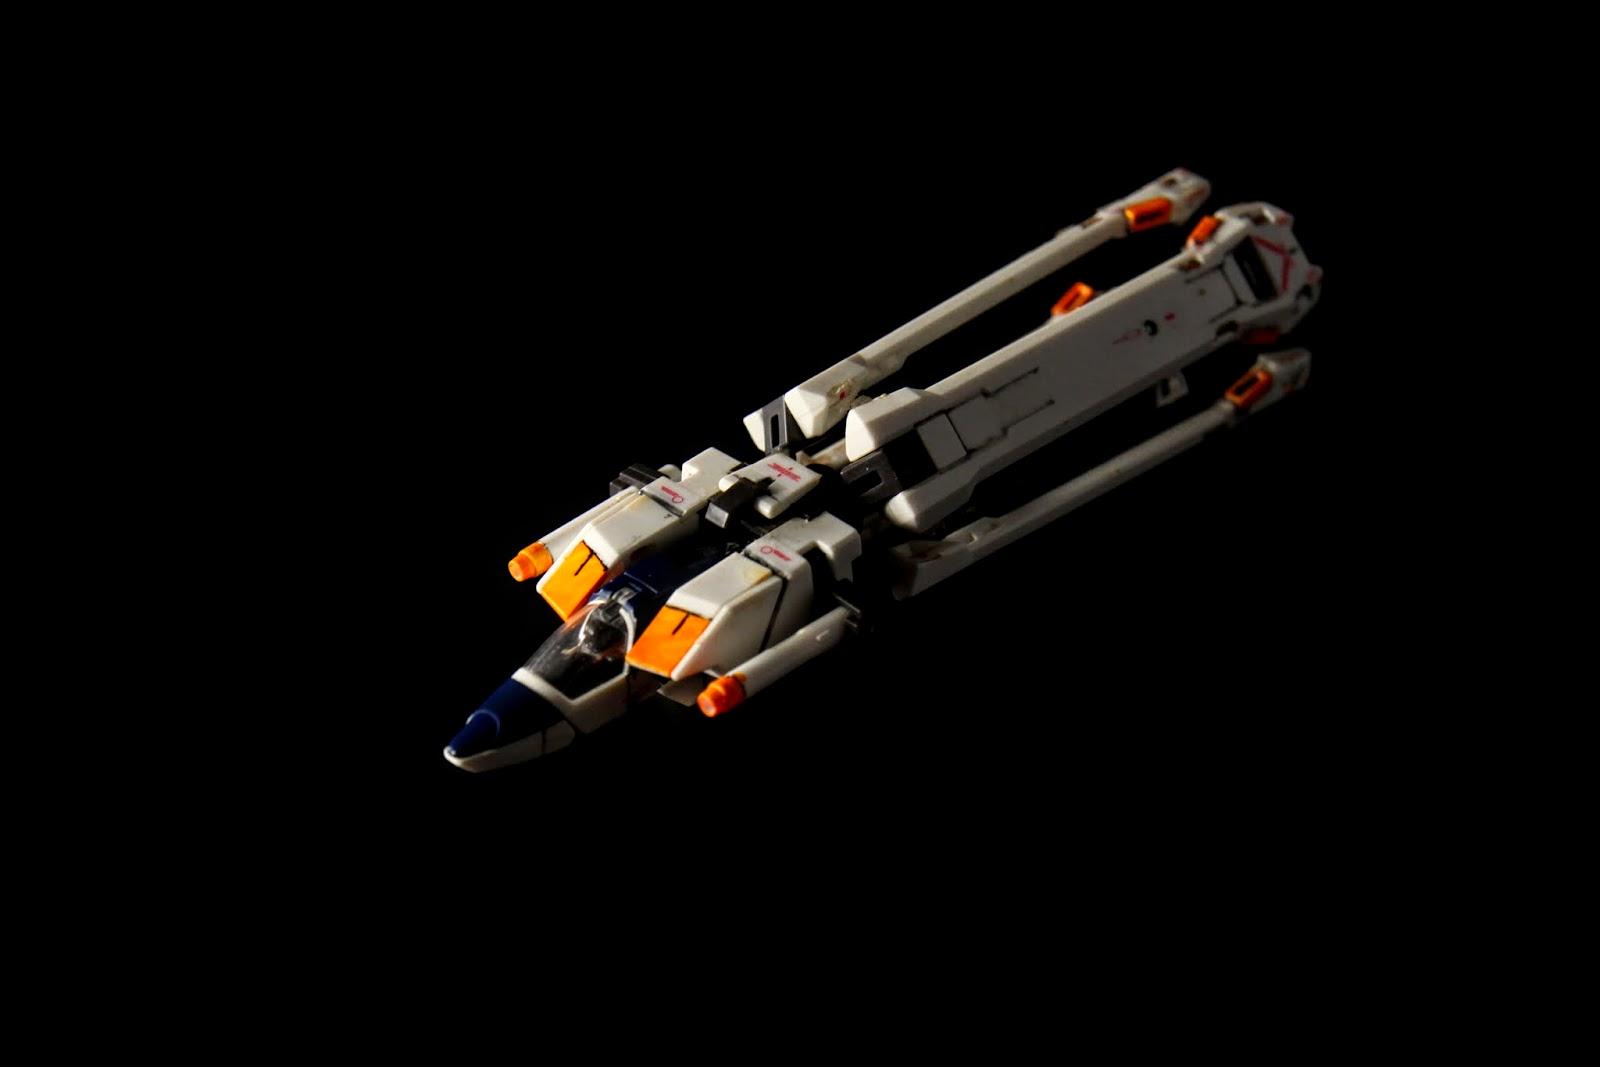 Core Fighter, 承襲自RX-78開始的核心戰機